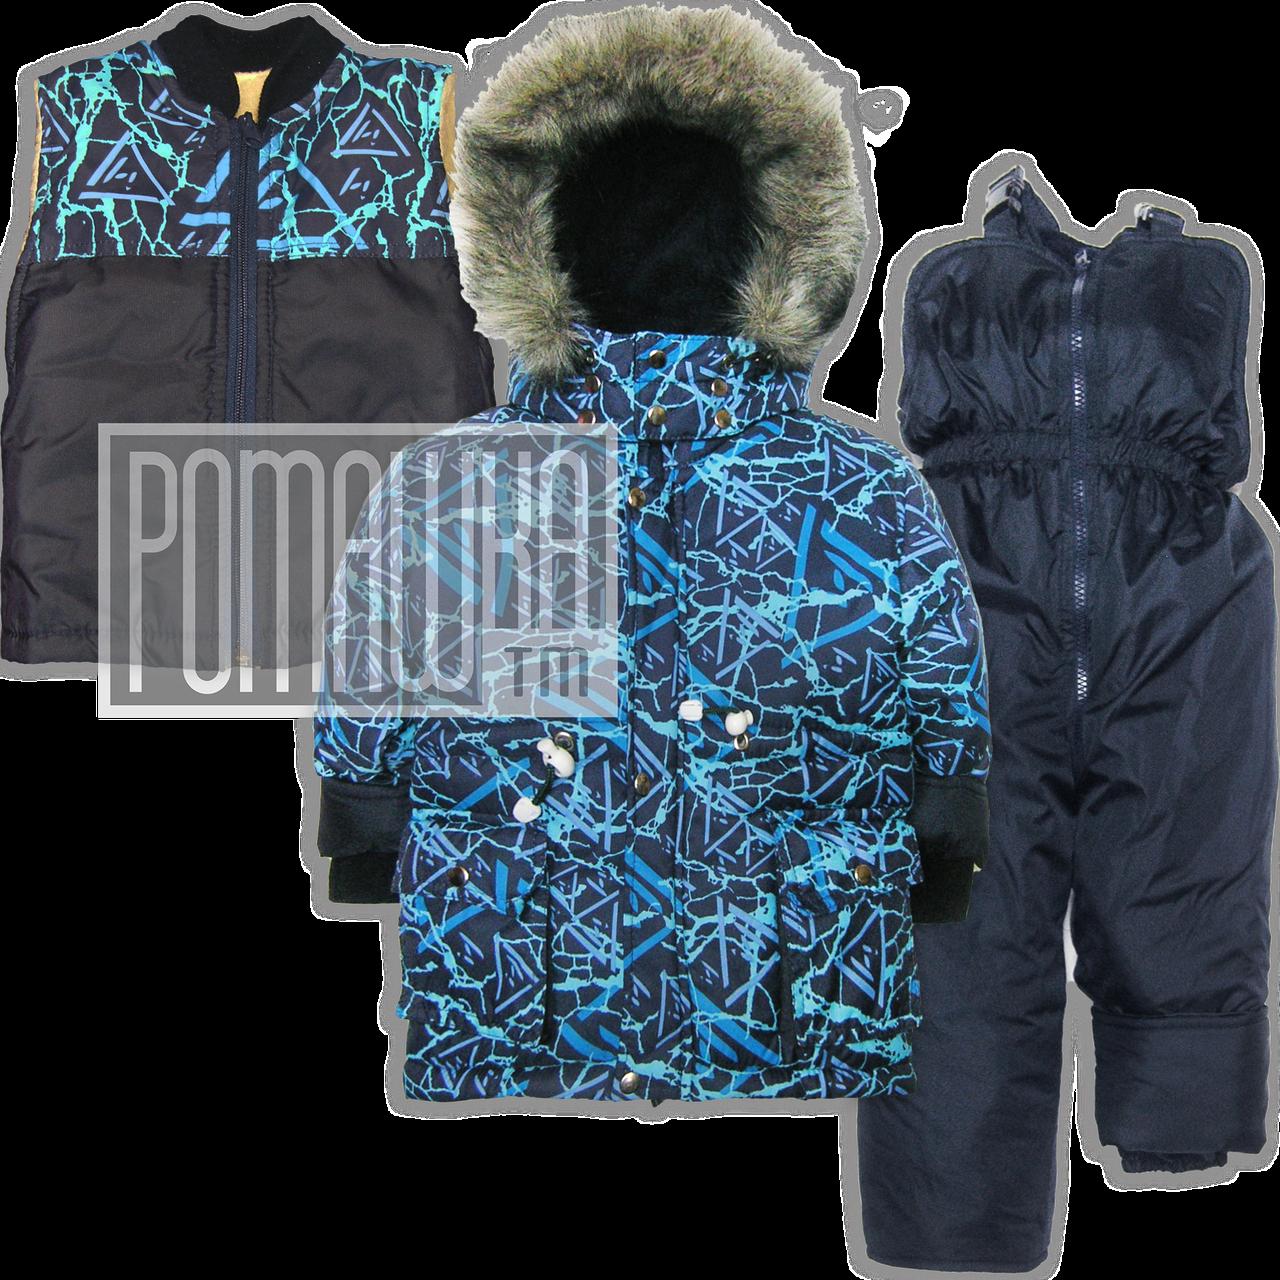 Дитячий зимовий термокомбінезон р. 86-92 куртка-парку + жилет на овчині і напівкомбінезон на флісі 3269 Синій